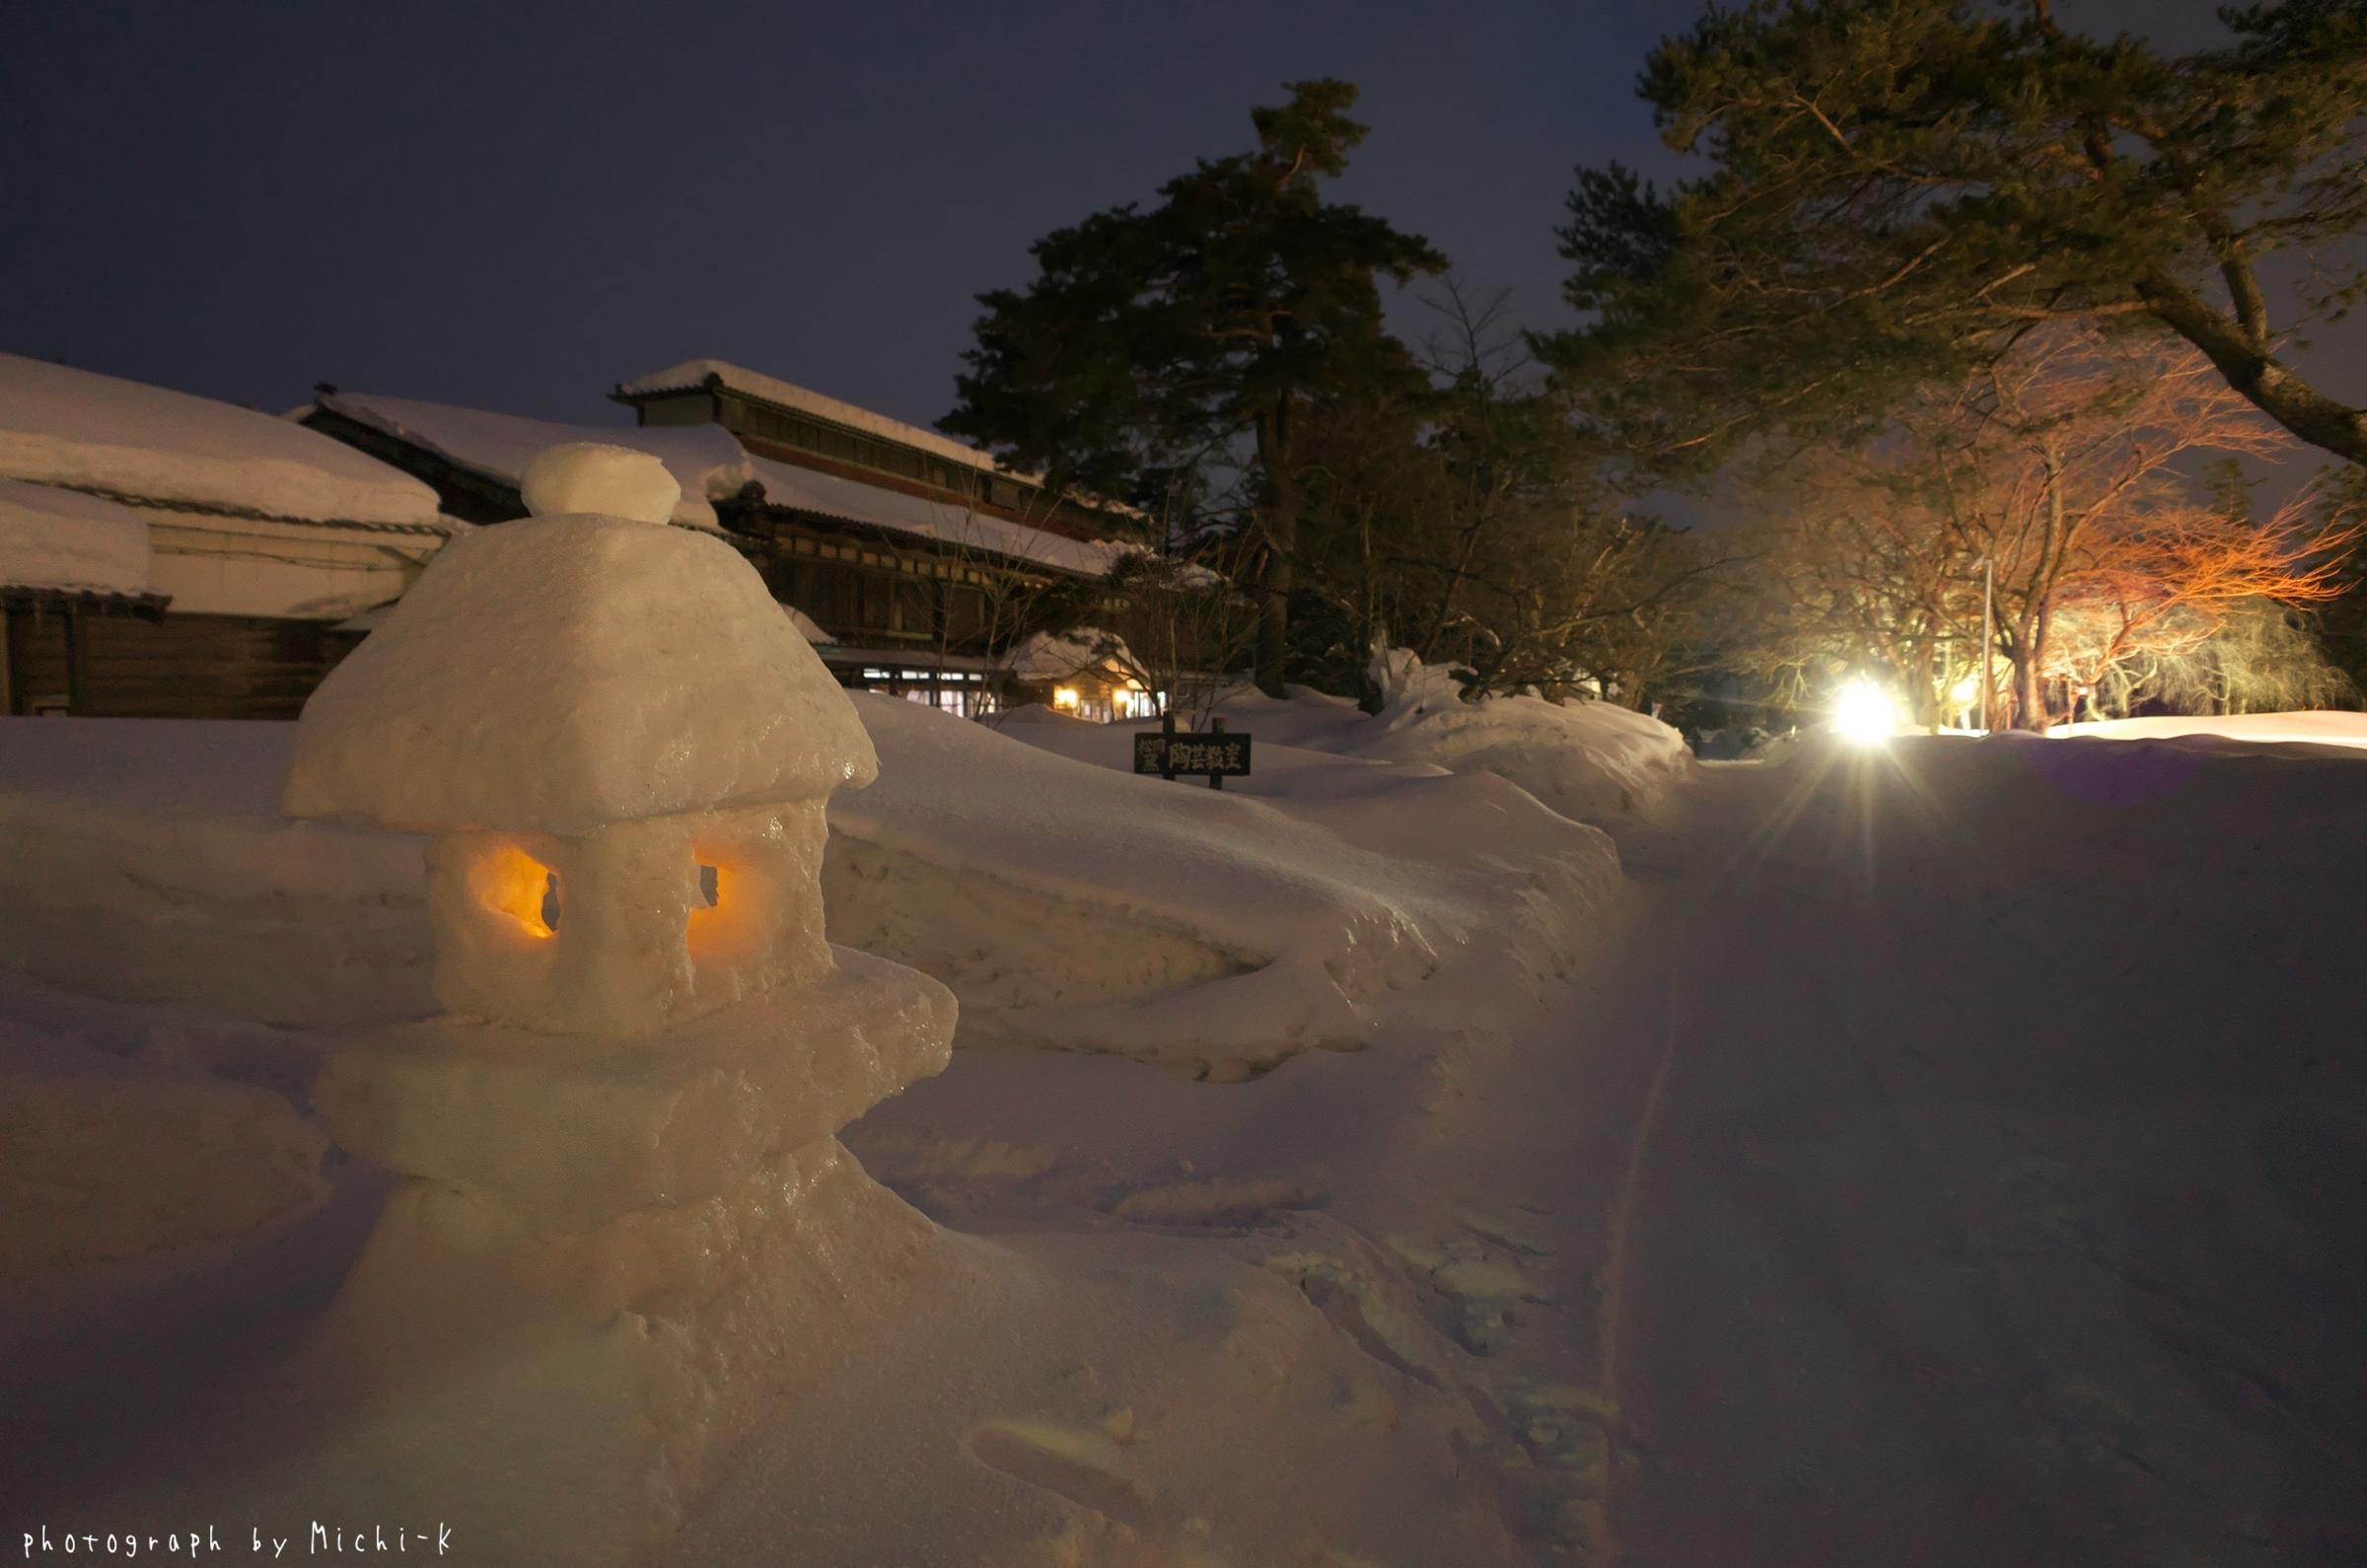 鶴岡市松ヶ丘雪灯篭まつり2018-2-18その3